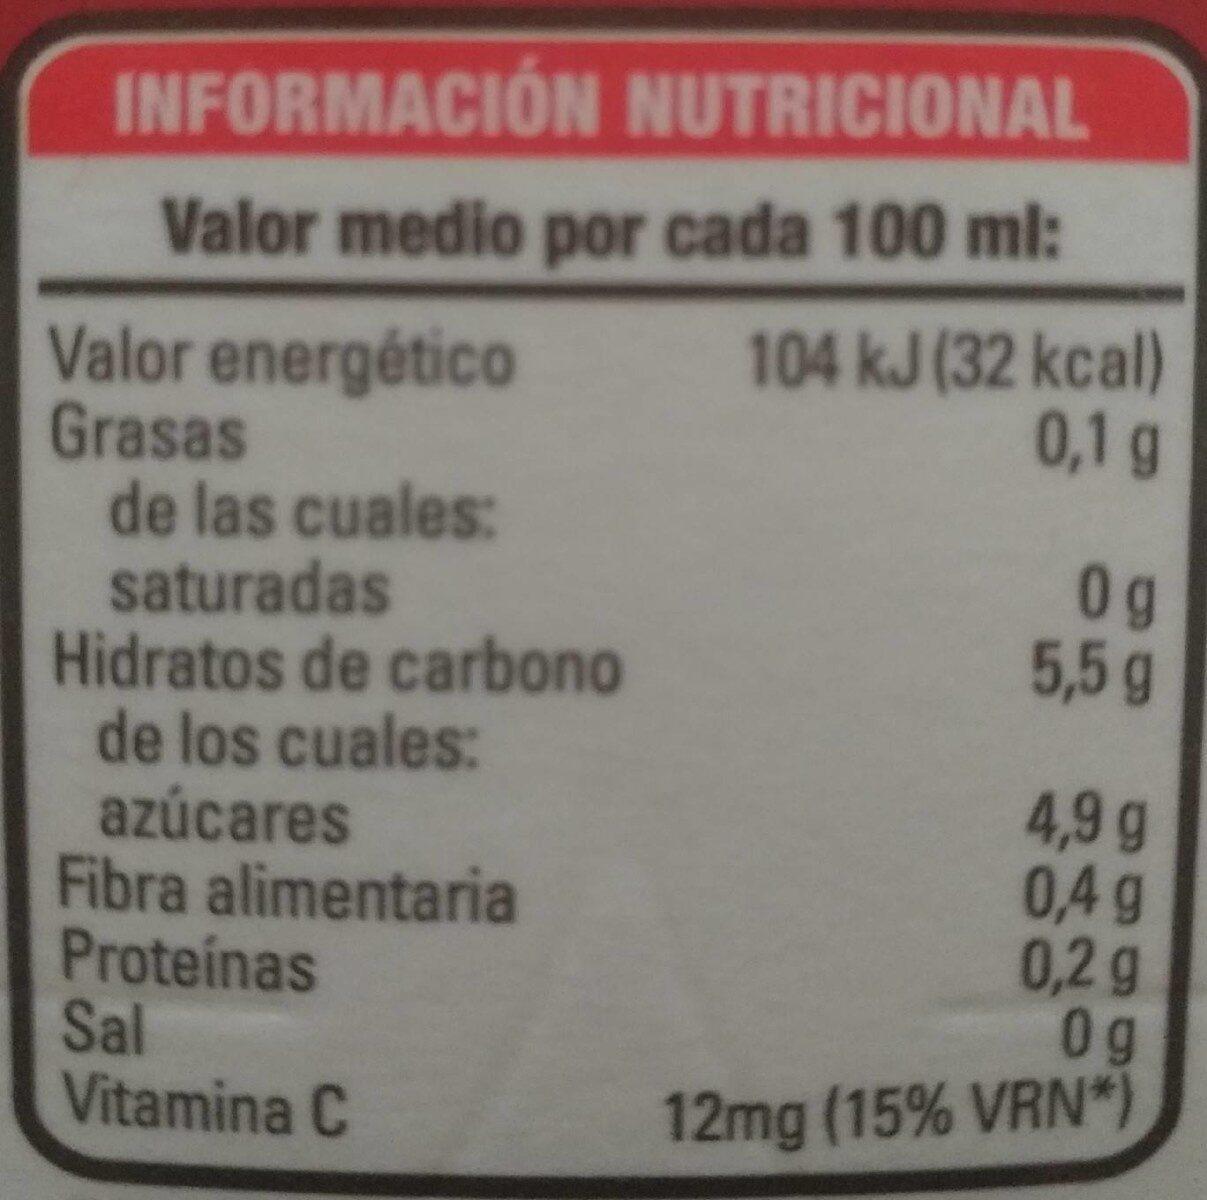 Anti oxidante - Informació nutricional - es